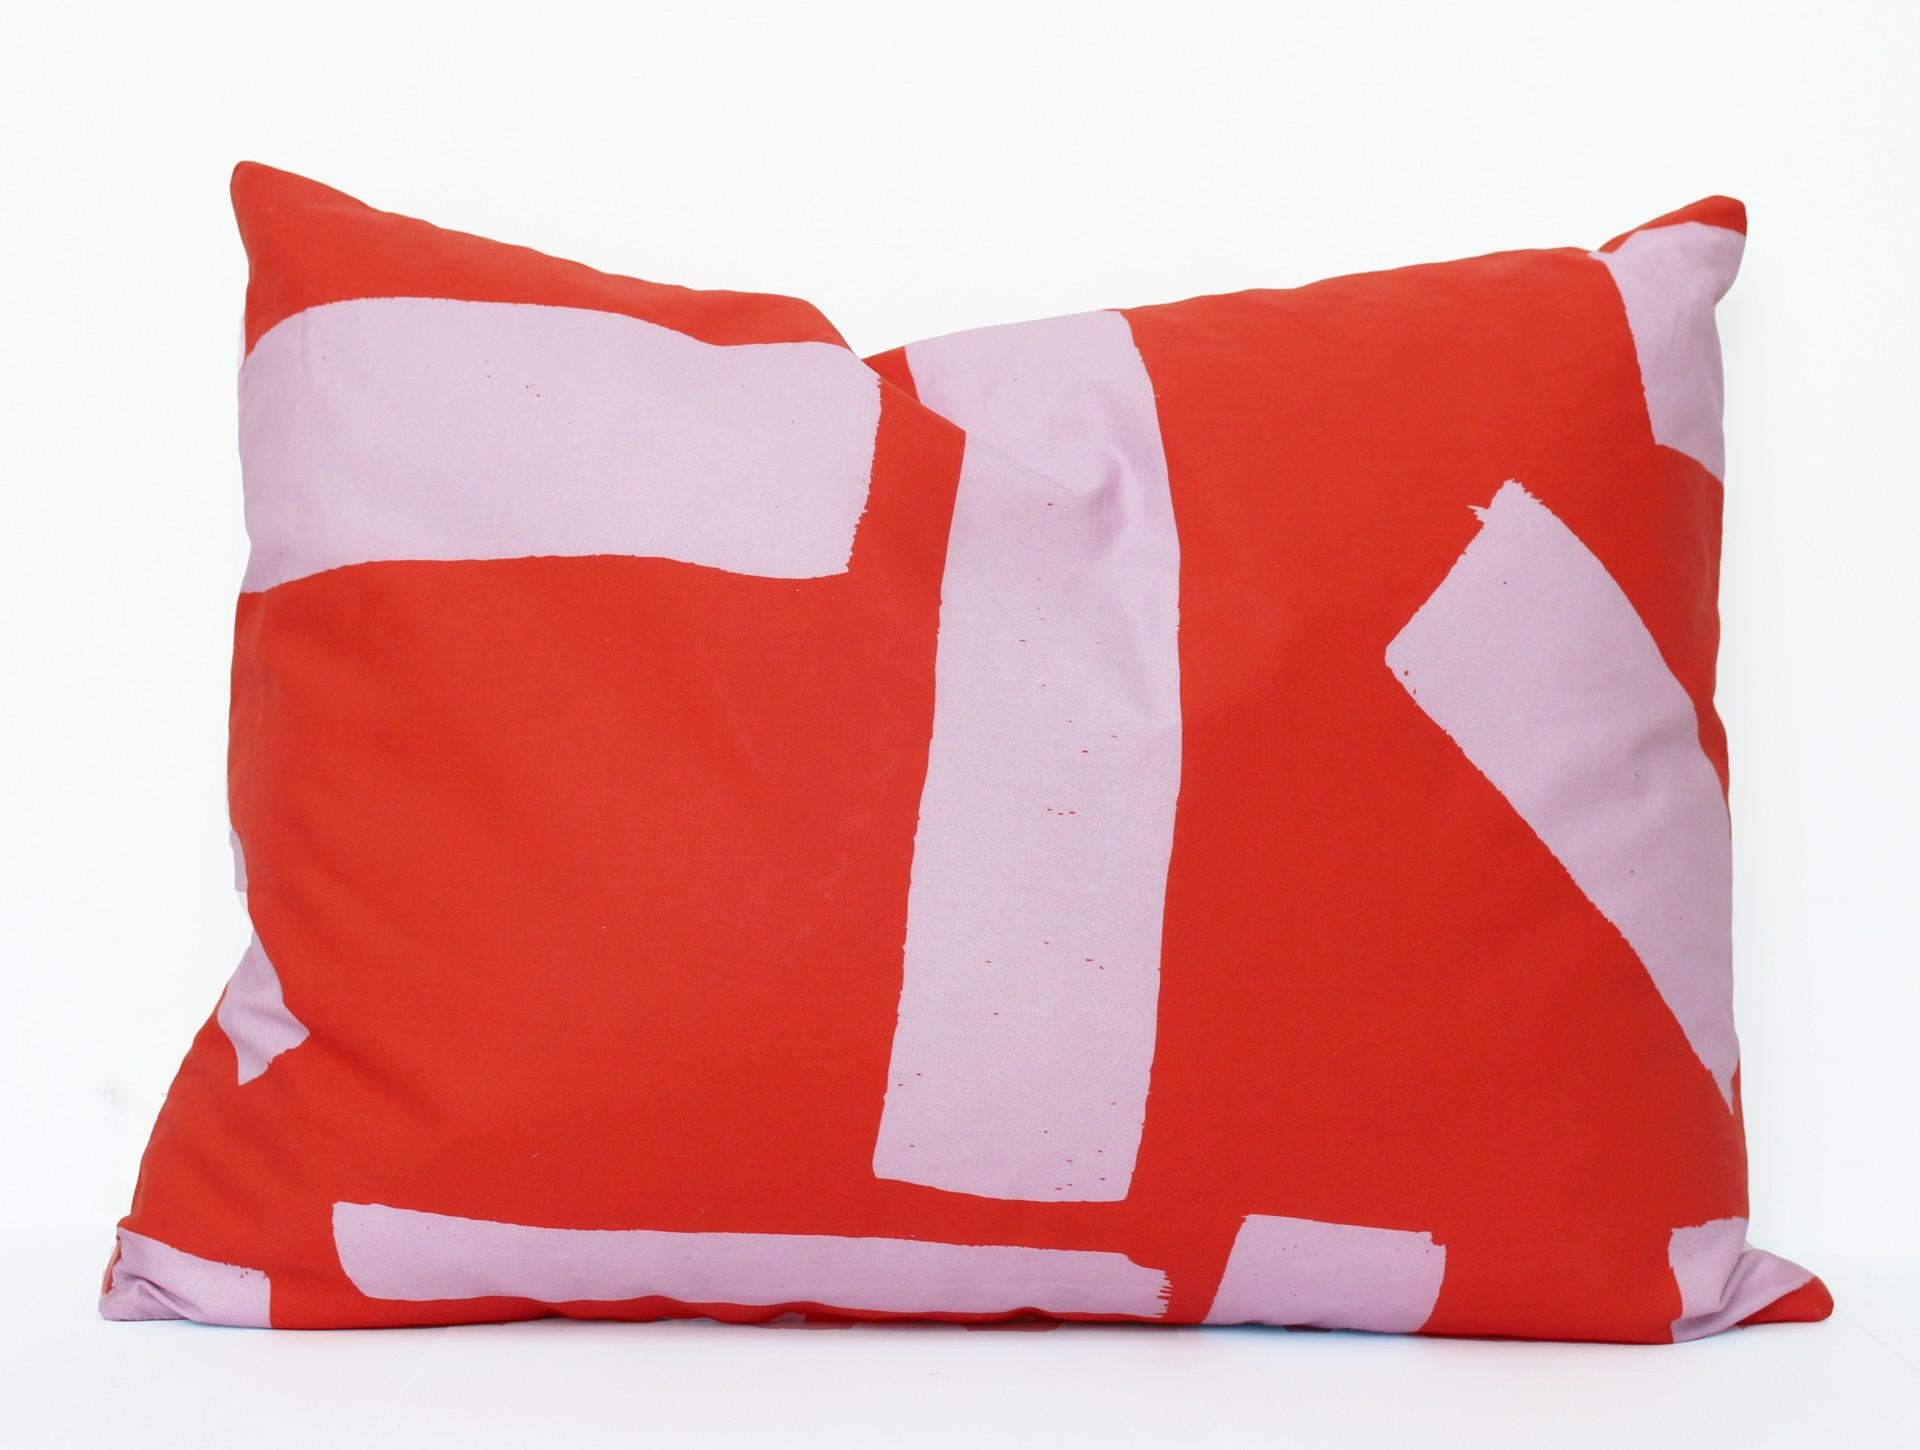 Dekbedovertrek kussensloop: rood | lila